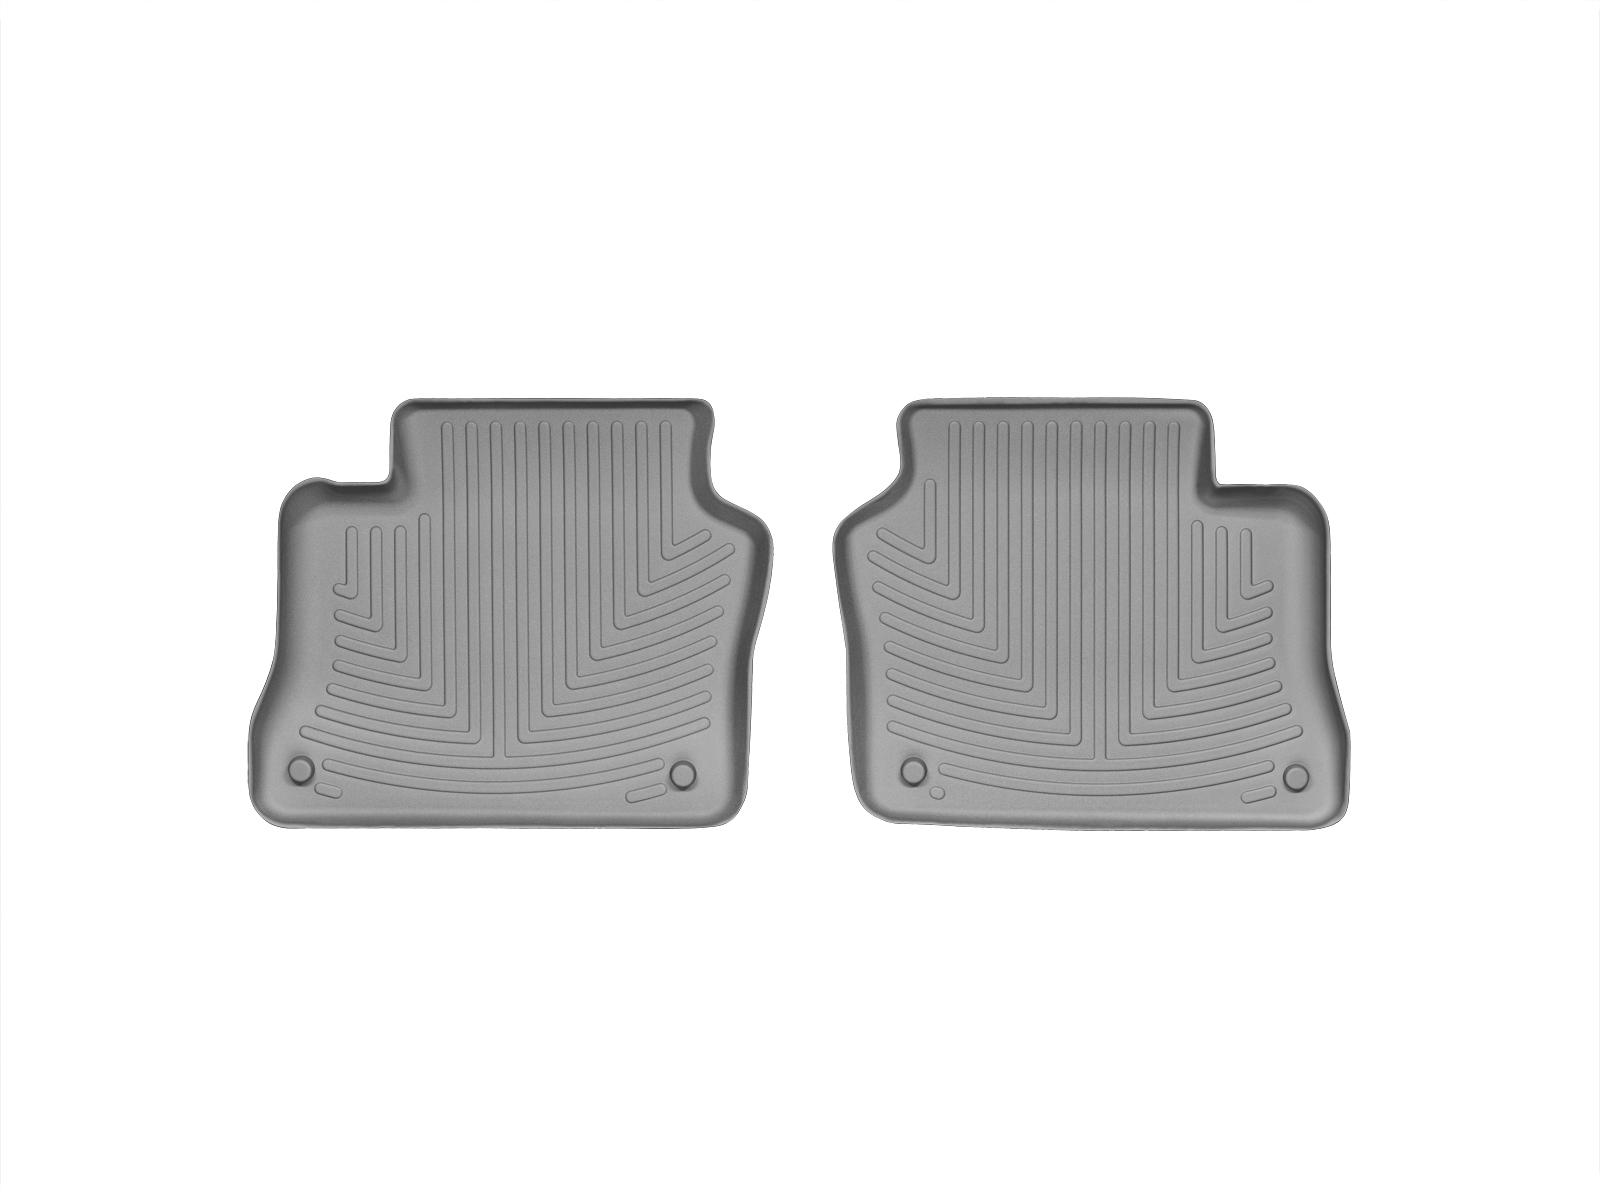 Tappeti gomma su misura bordo alto Porsche® Panamera 10>16 Grigio A3170